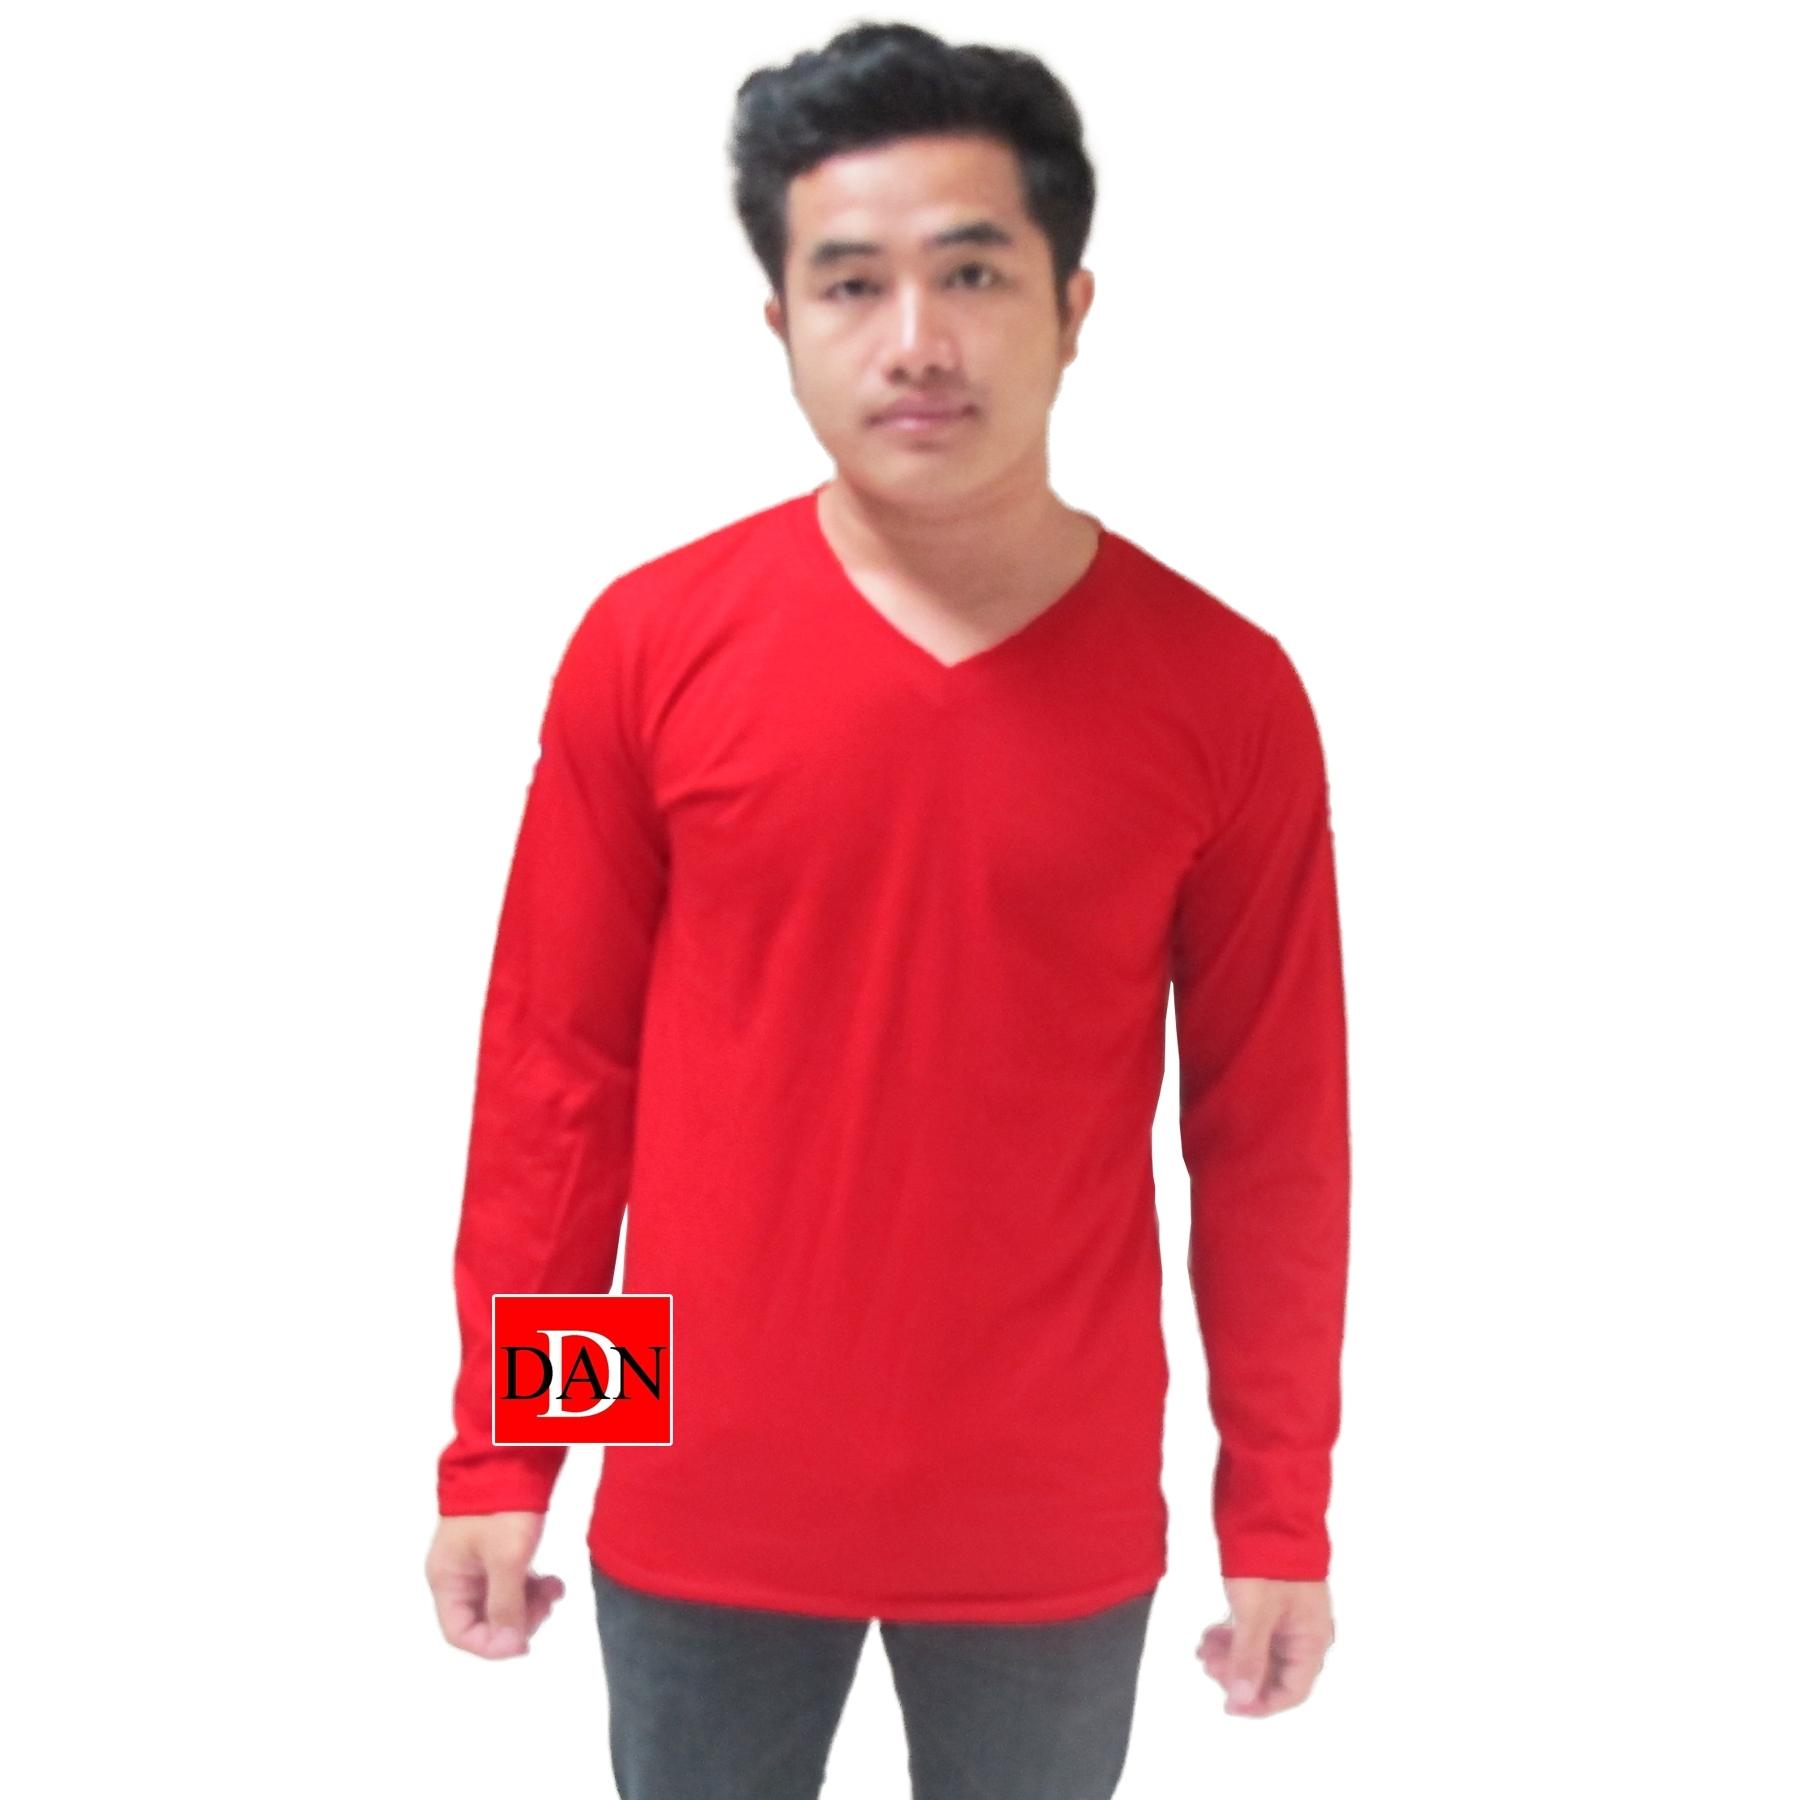 เสื้อแขนยาว คอวี สีแดง